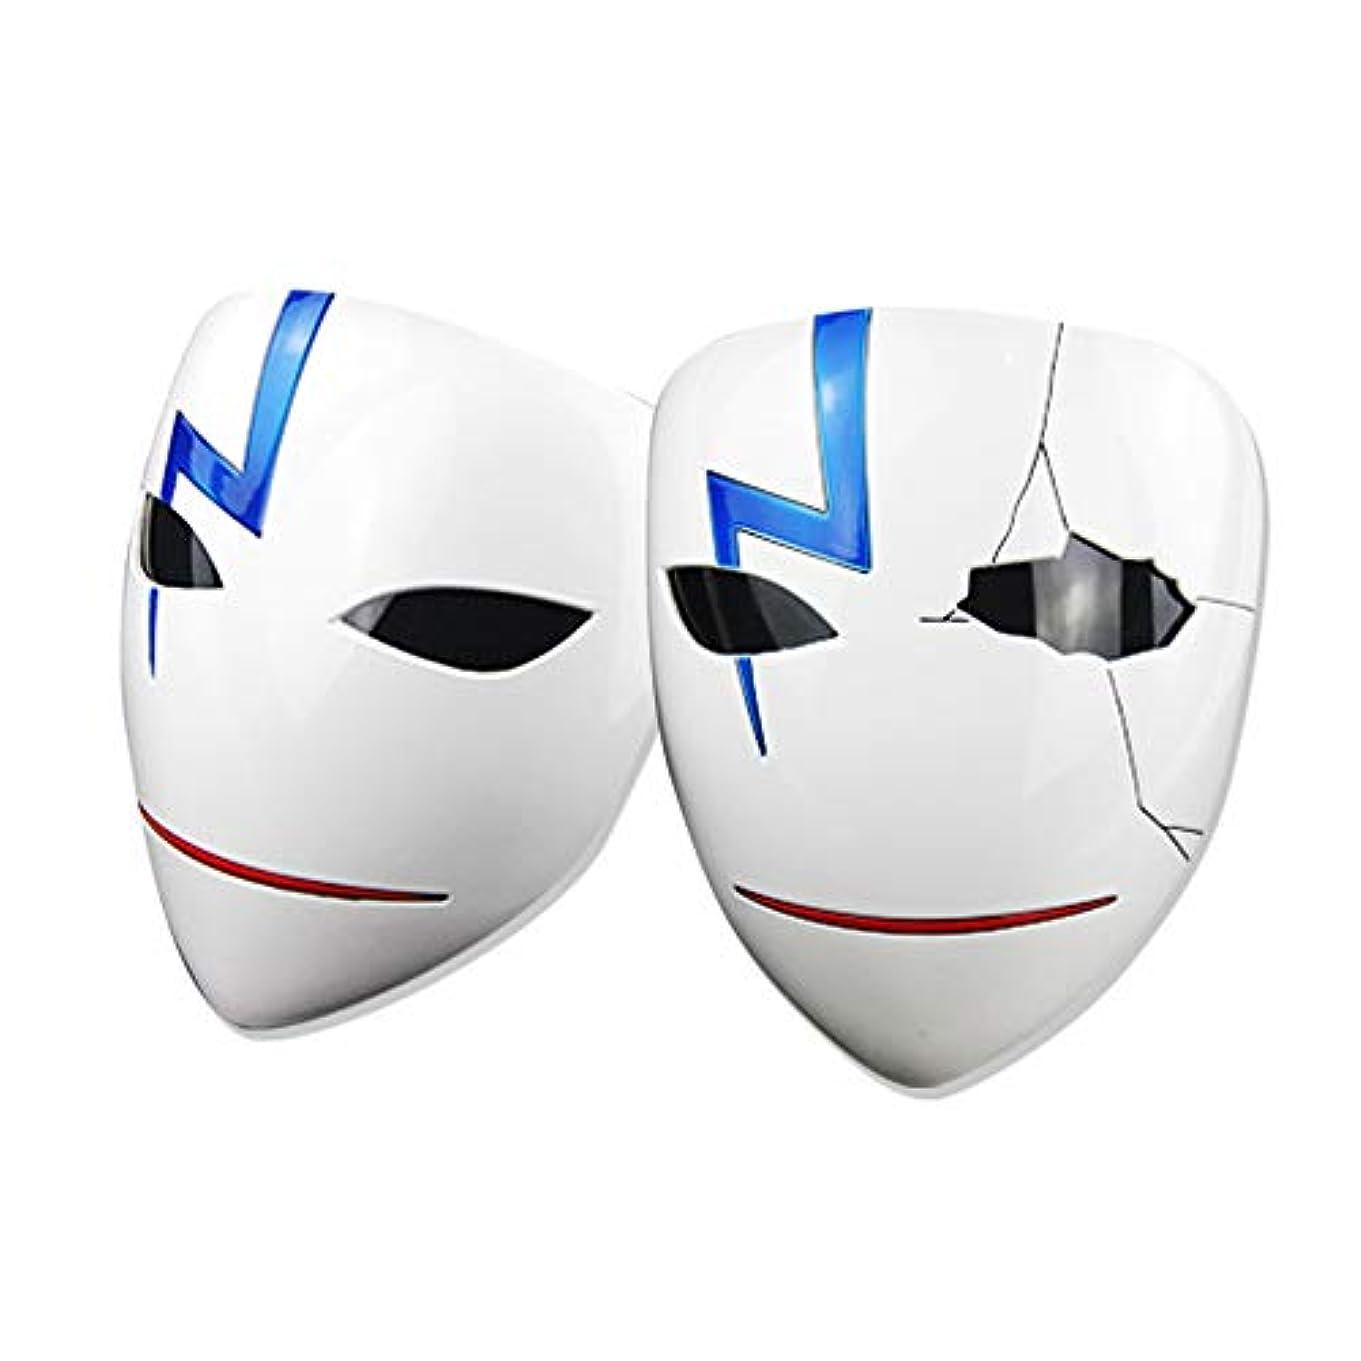 ほとんどの場合マラソン変換するブラックマスクコスプレプロップマスクアニメ男より暗いハロウィーン,2